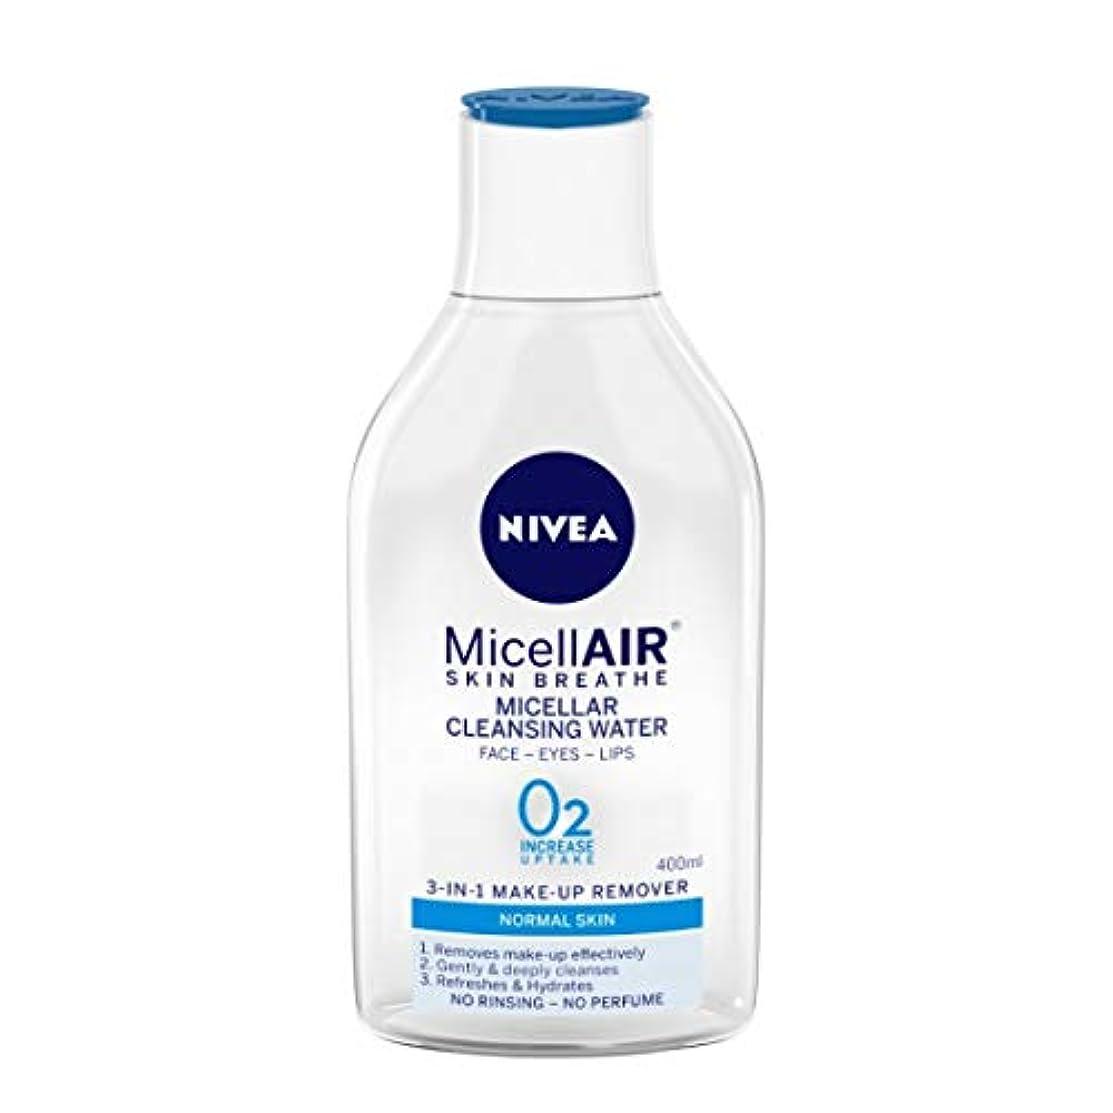 リッチ追跡の量NIVEA Micellar Cleansing Water, MicellAIR Skin Breathe Make Up Remover, 400ml